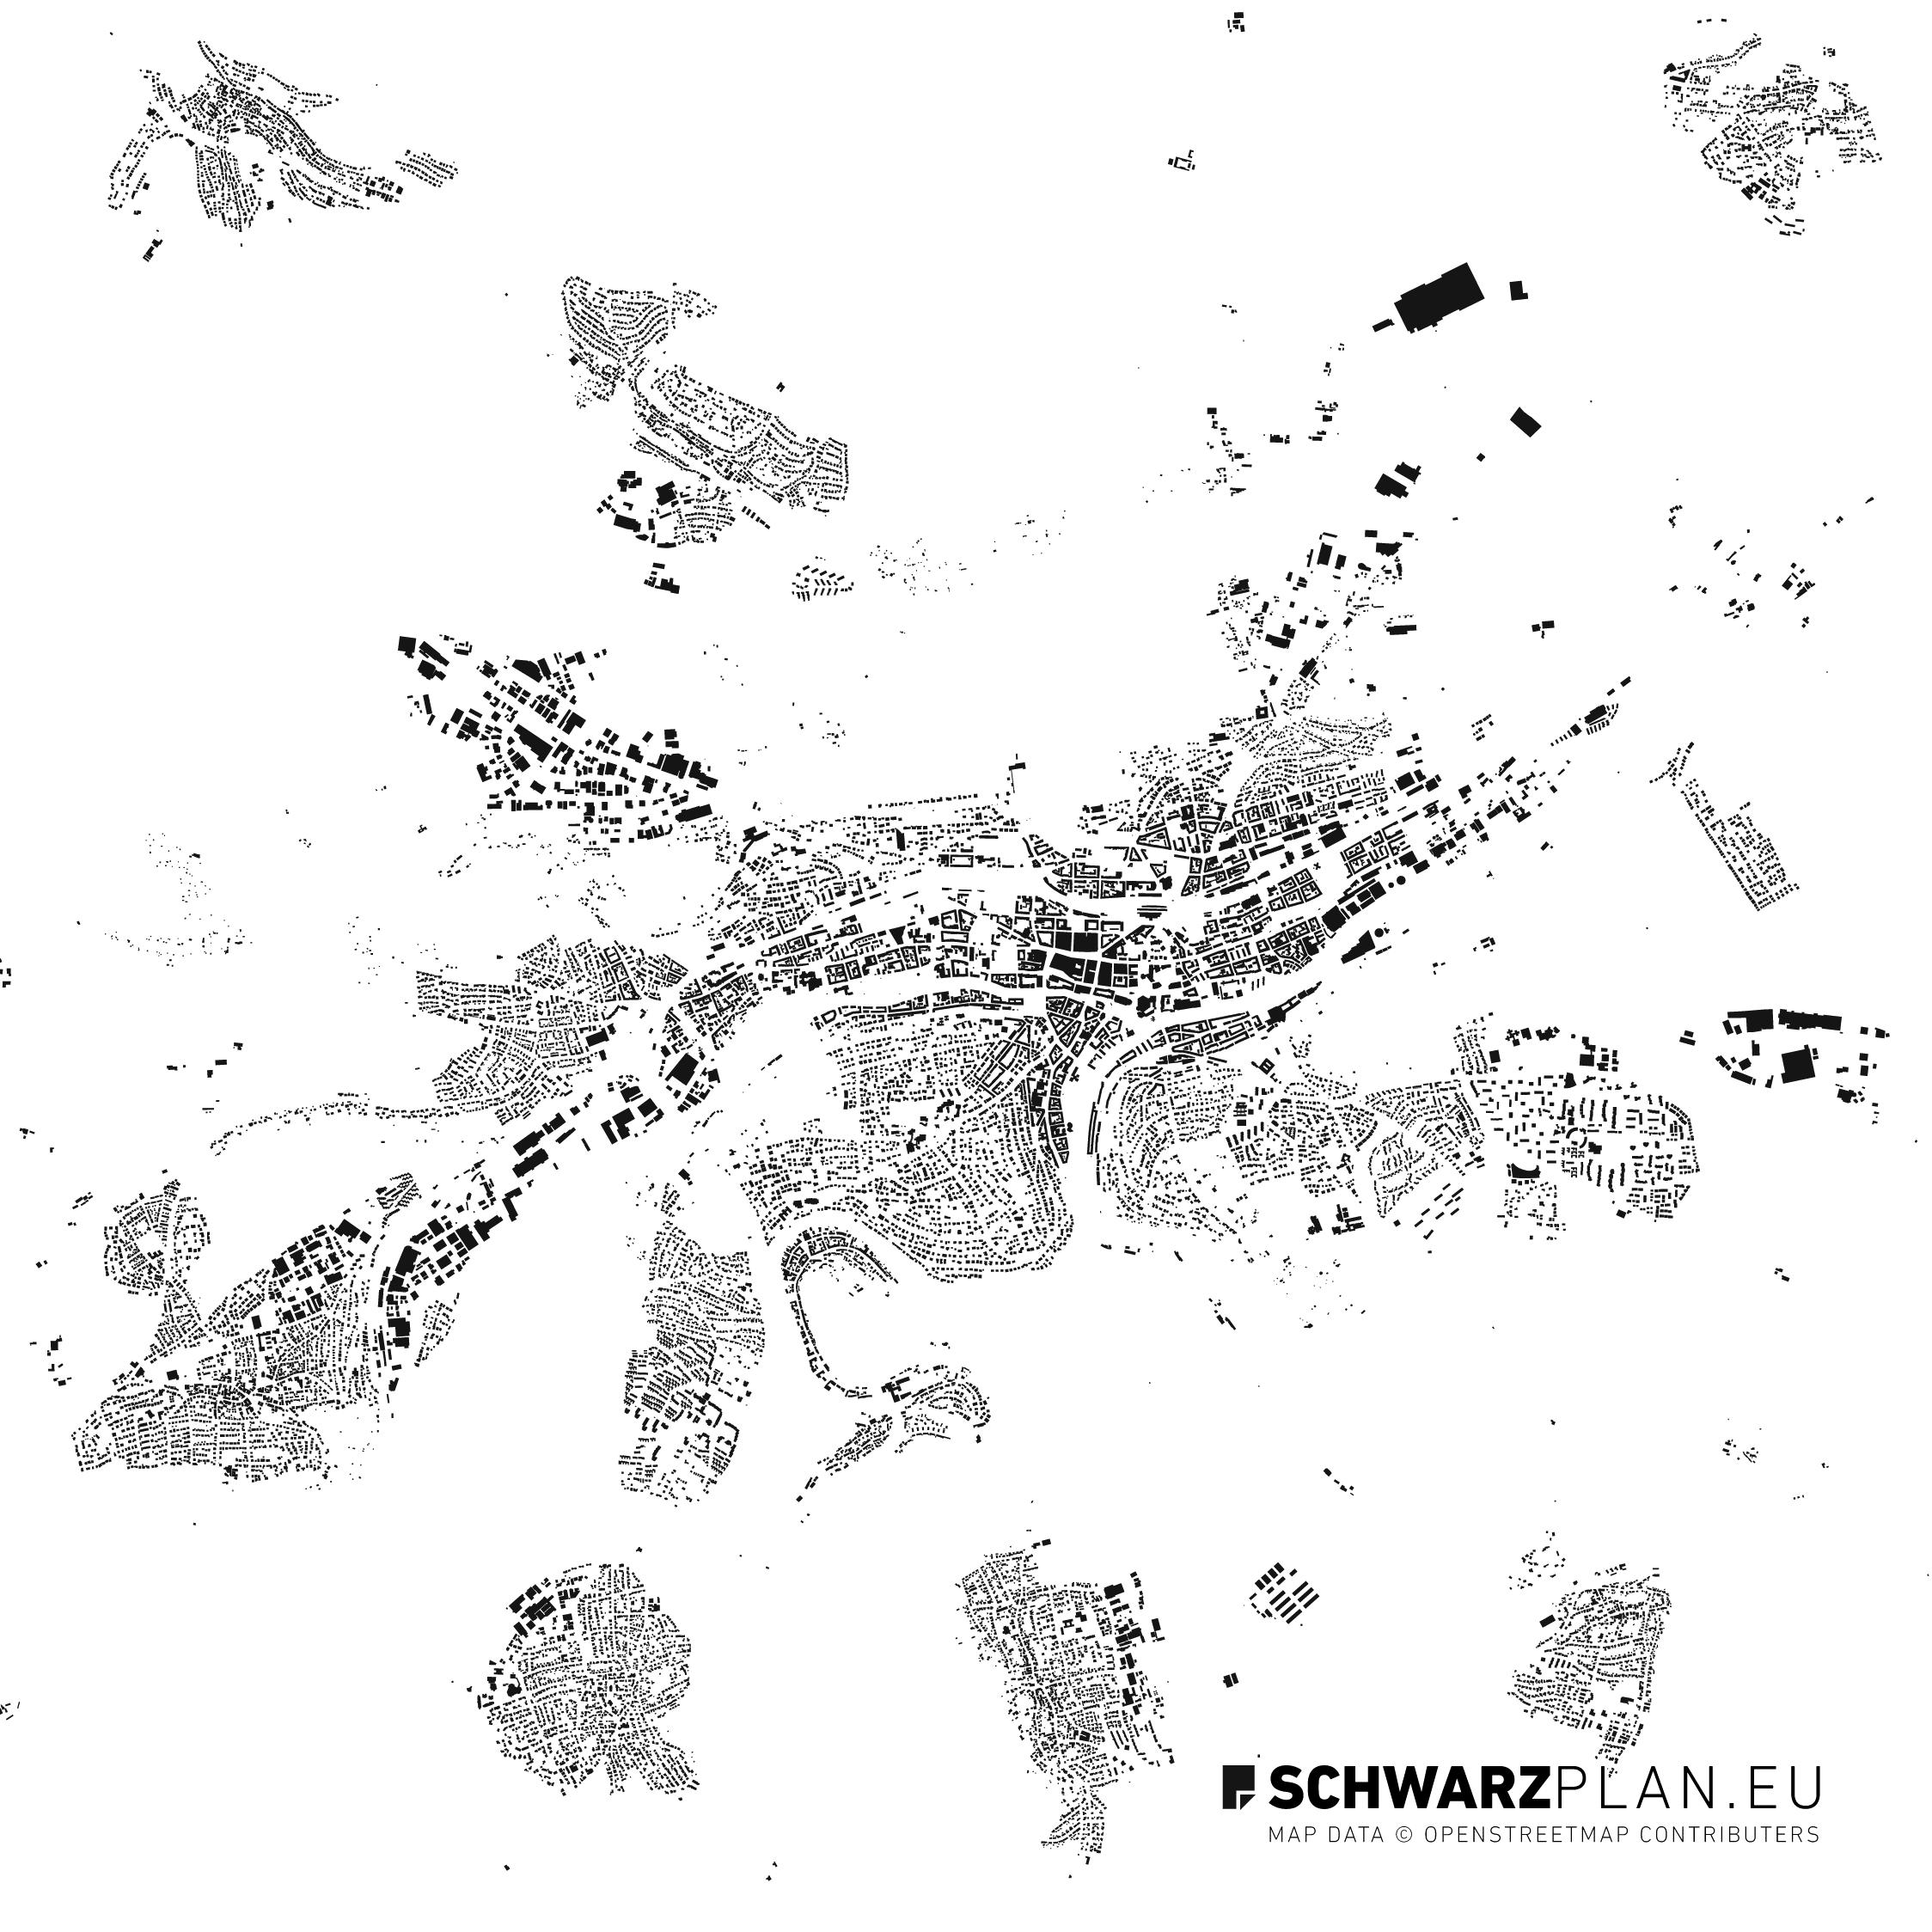 Schwarzplan von Pforzheim, Singen, Remchingen